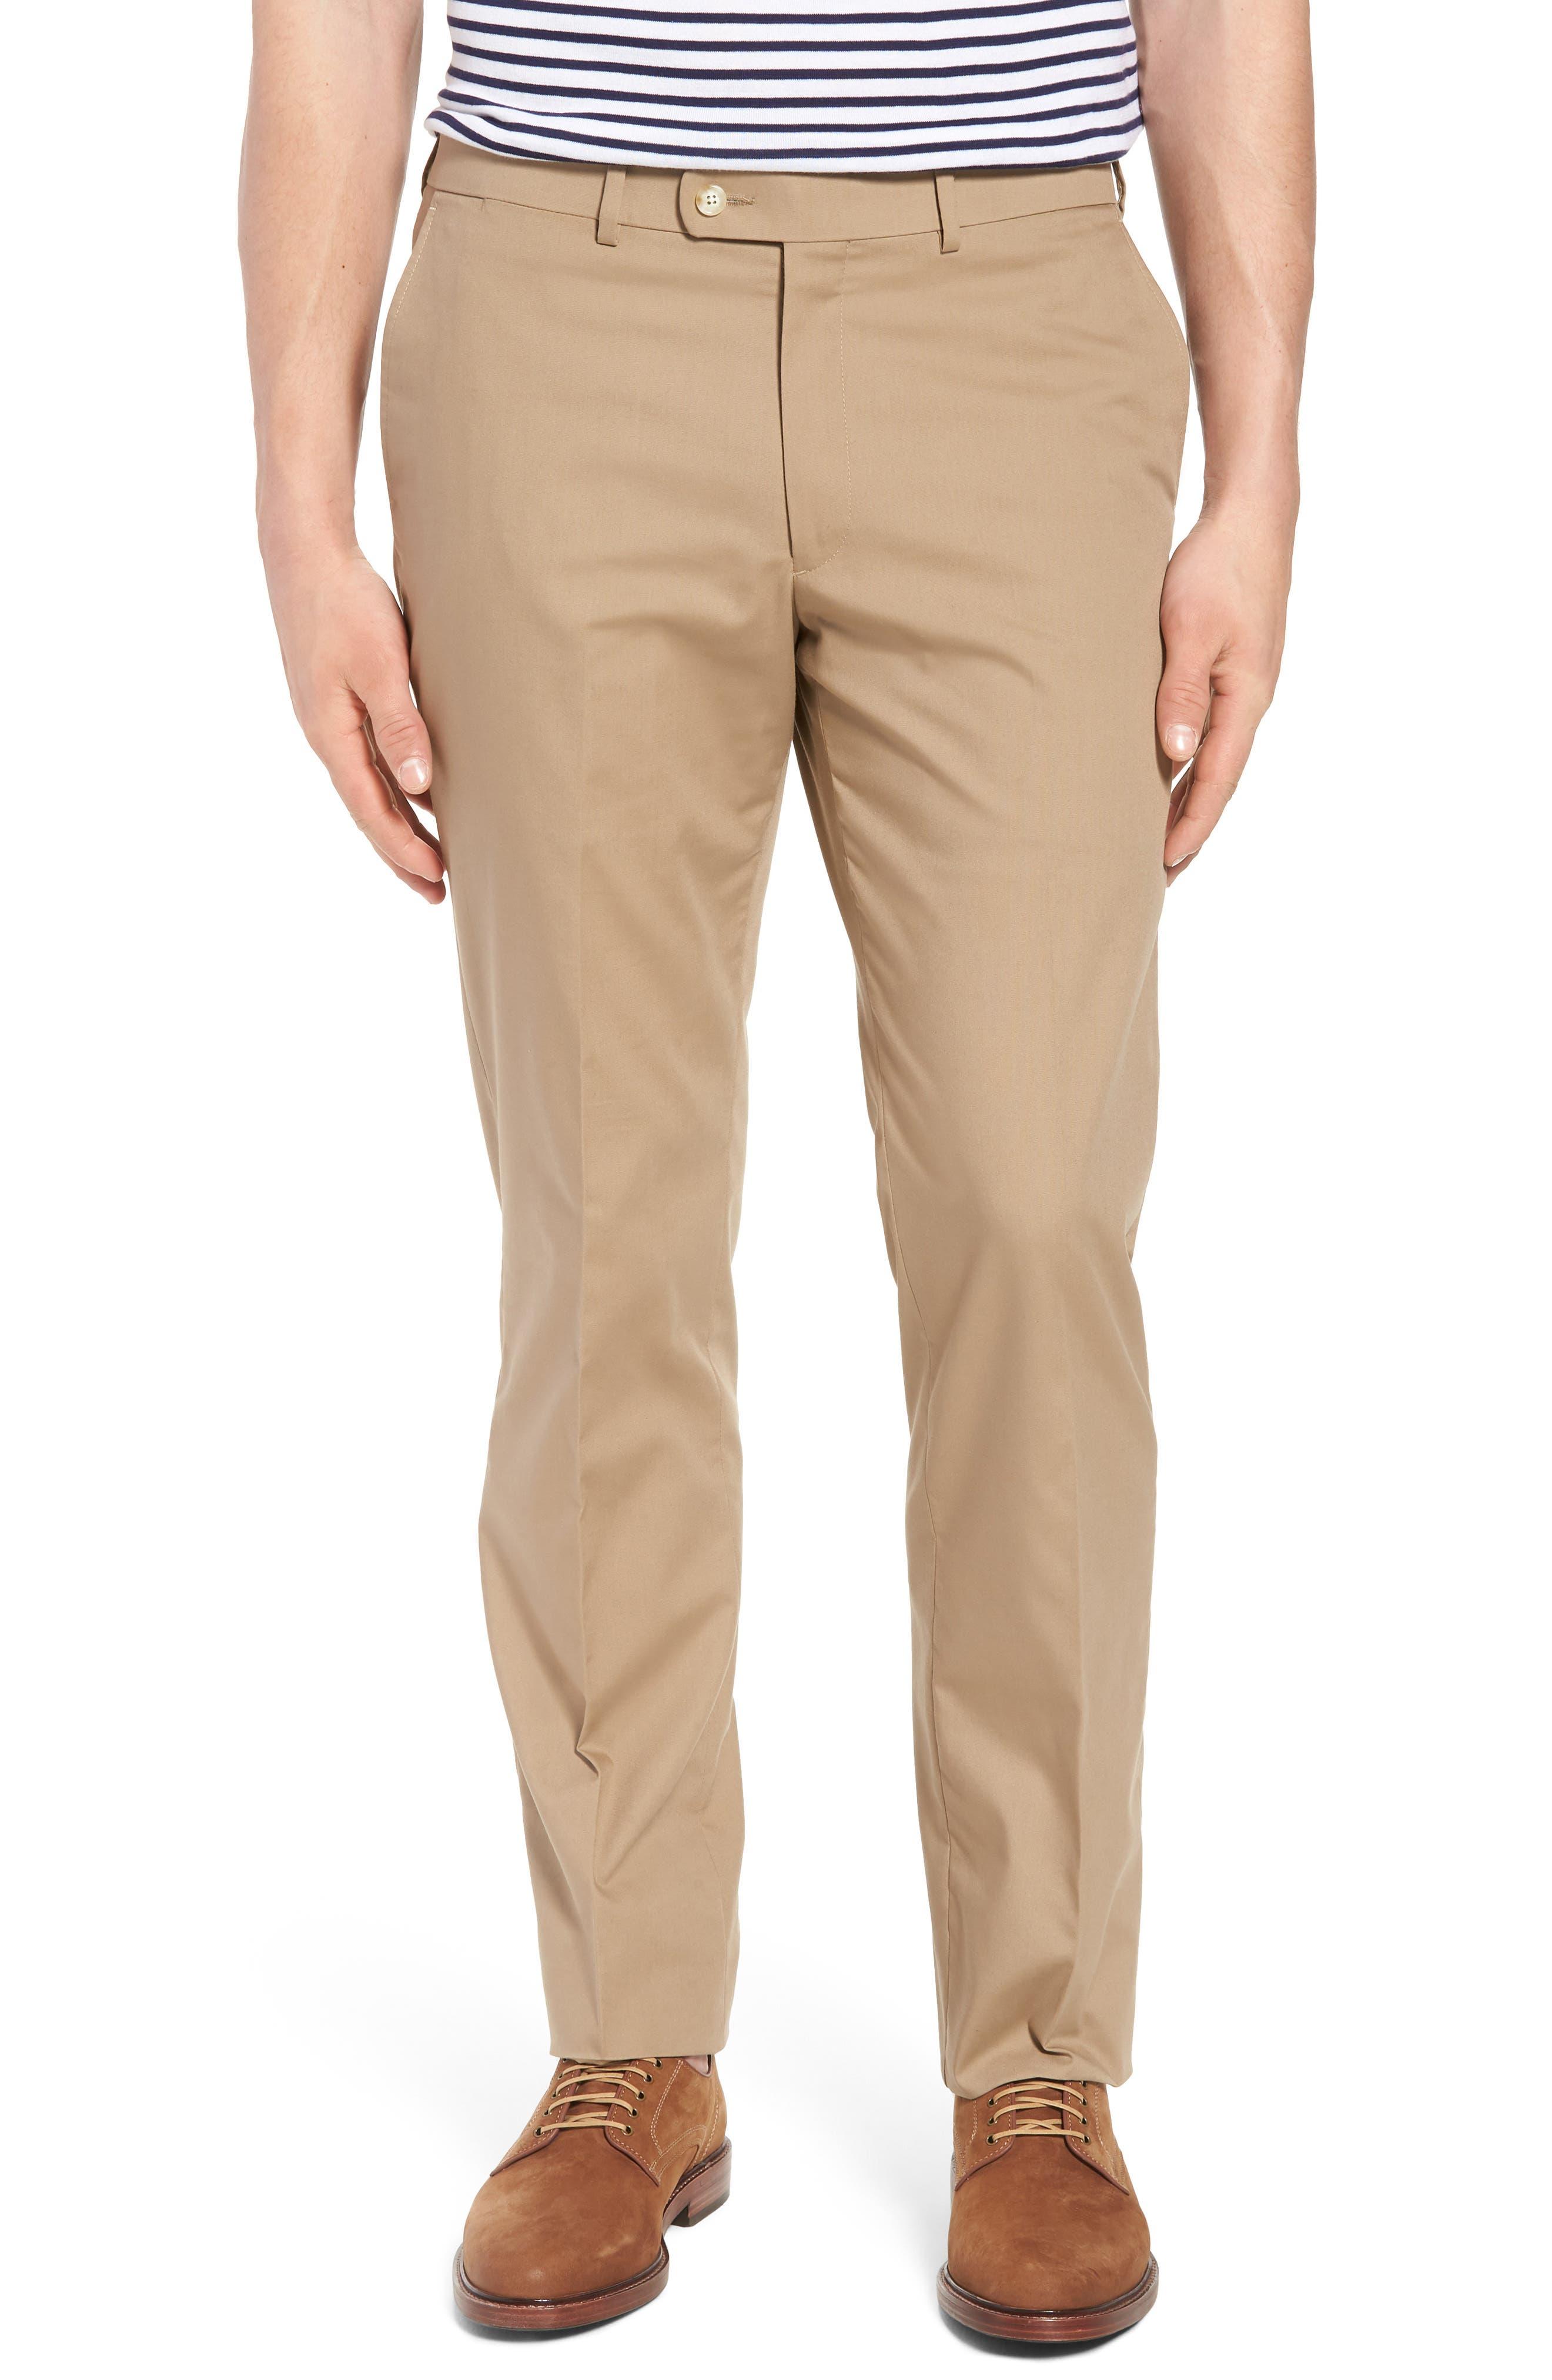 Irons AIM Classic Fit Solid Cotton Blend Suit,                             Alternate thumbnail 6, color,                             Khaki